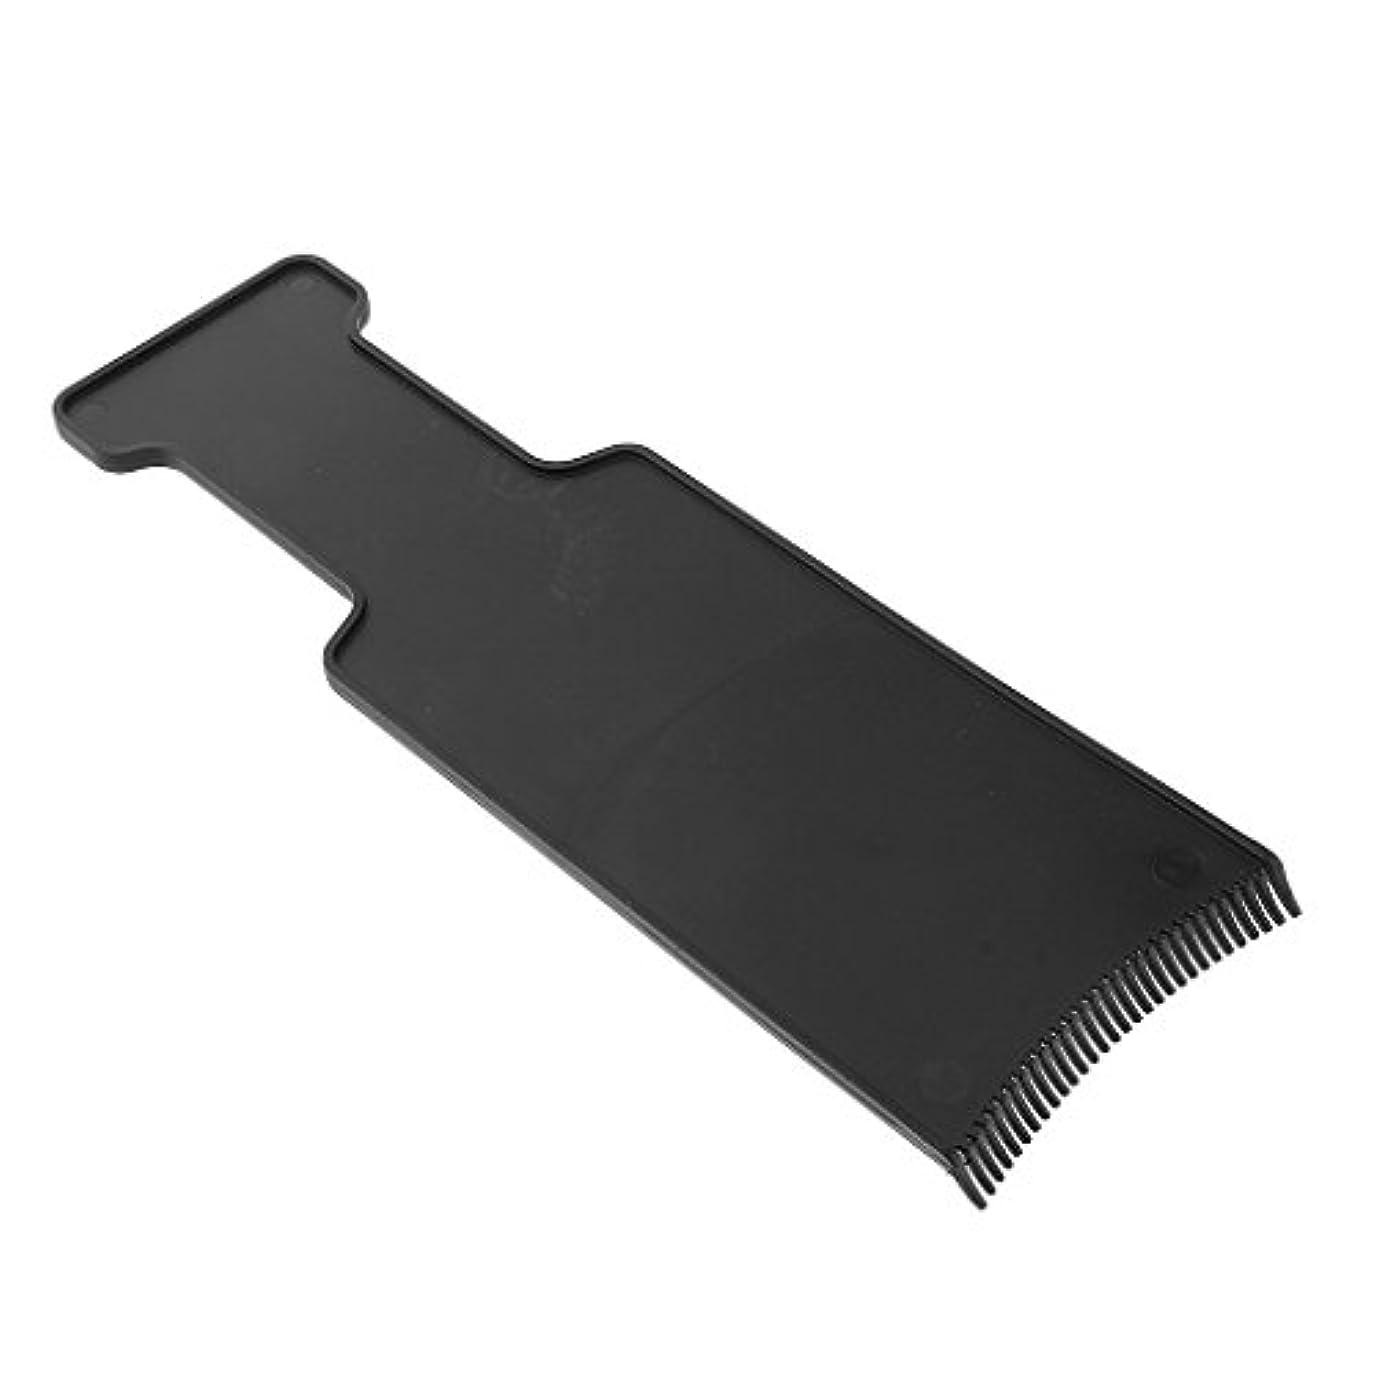 浸透するトリクルに応じてHomyl ヘアカラー ボード 染色 ツール ブラック 全4サイズ - M